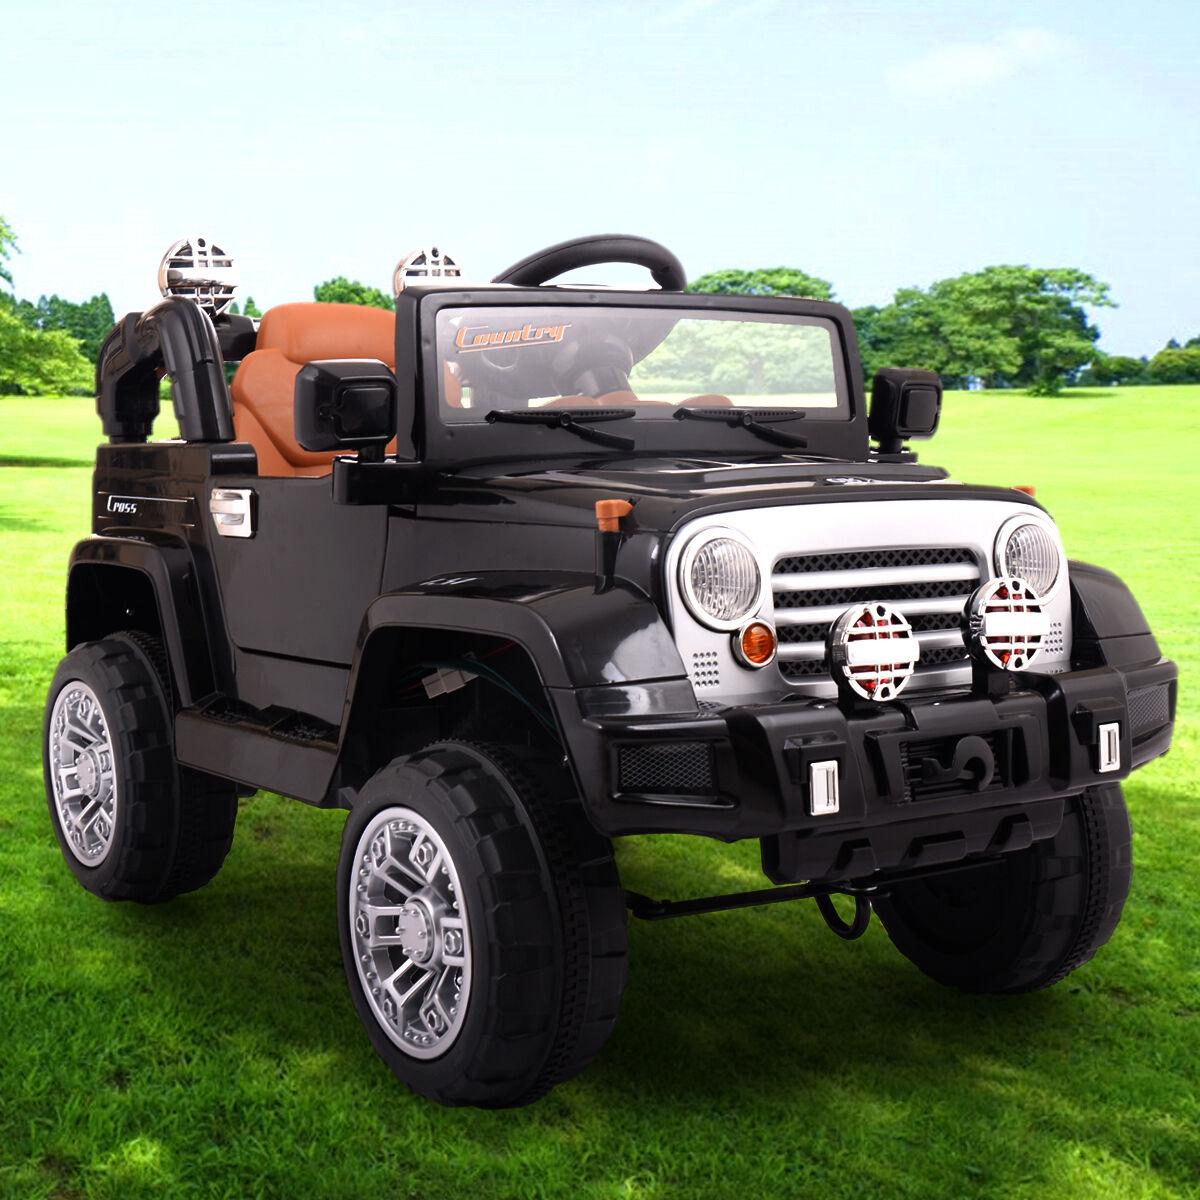 Kids Cars: Toys & Hobbies | eBay